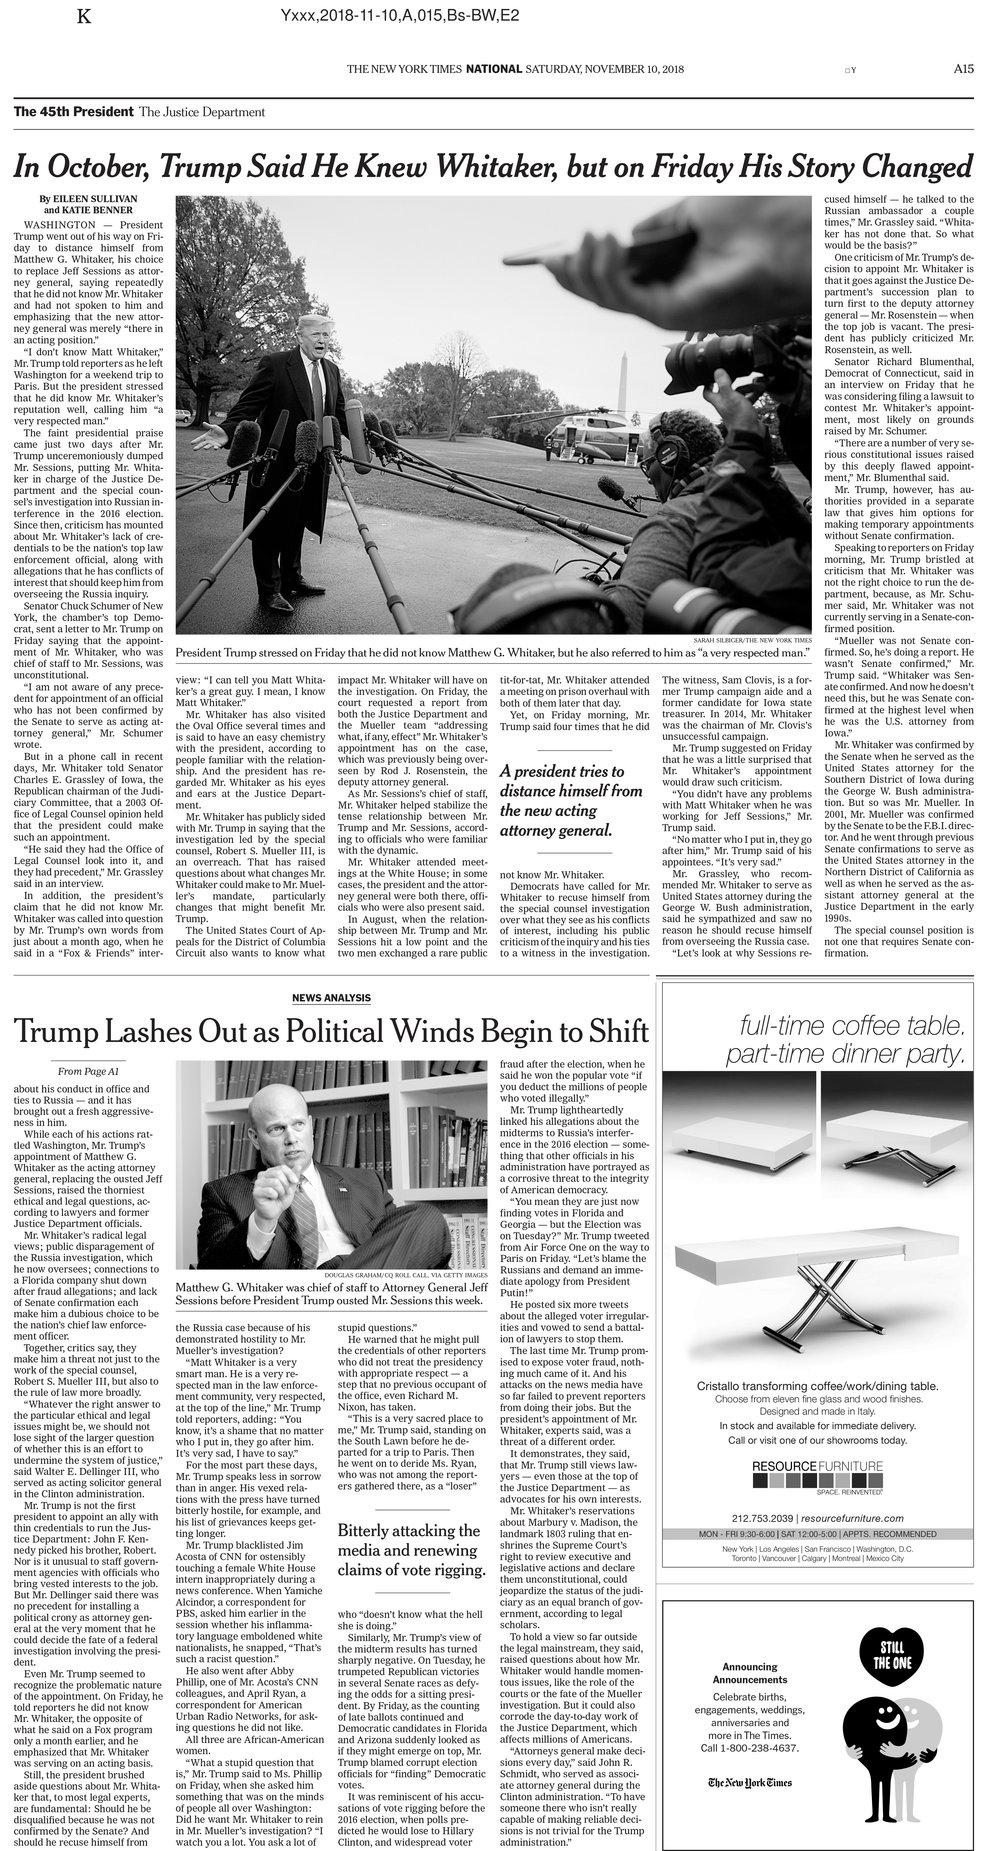 NYT_CLIPS_16.JPG